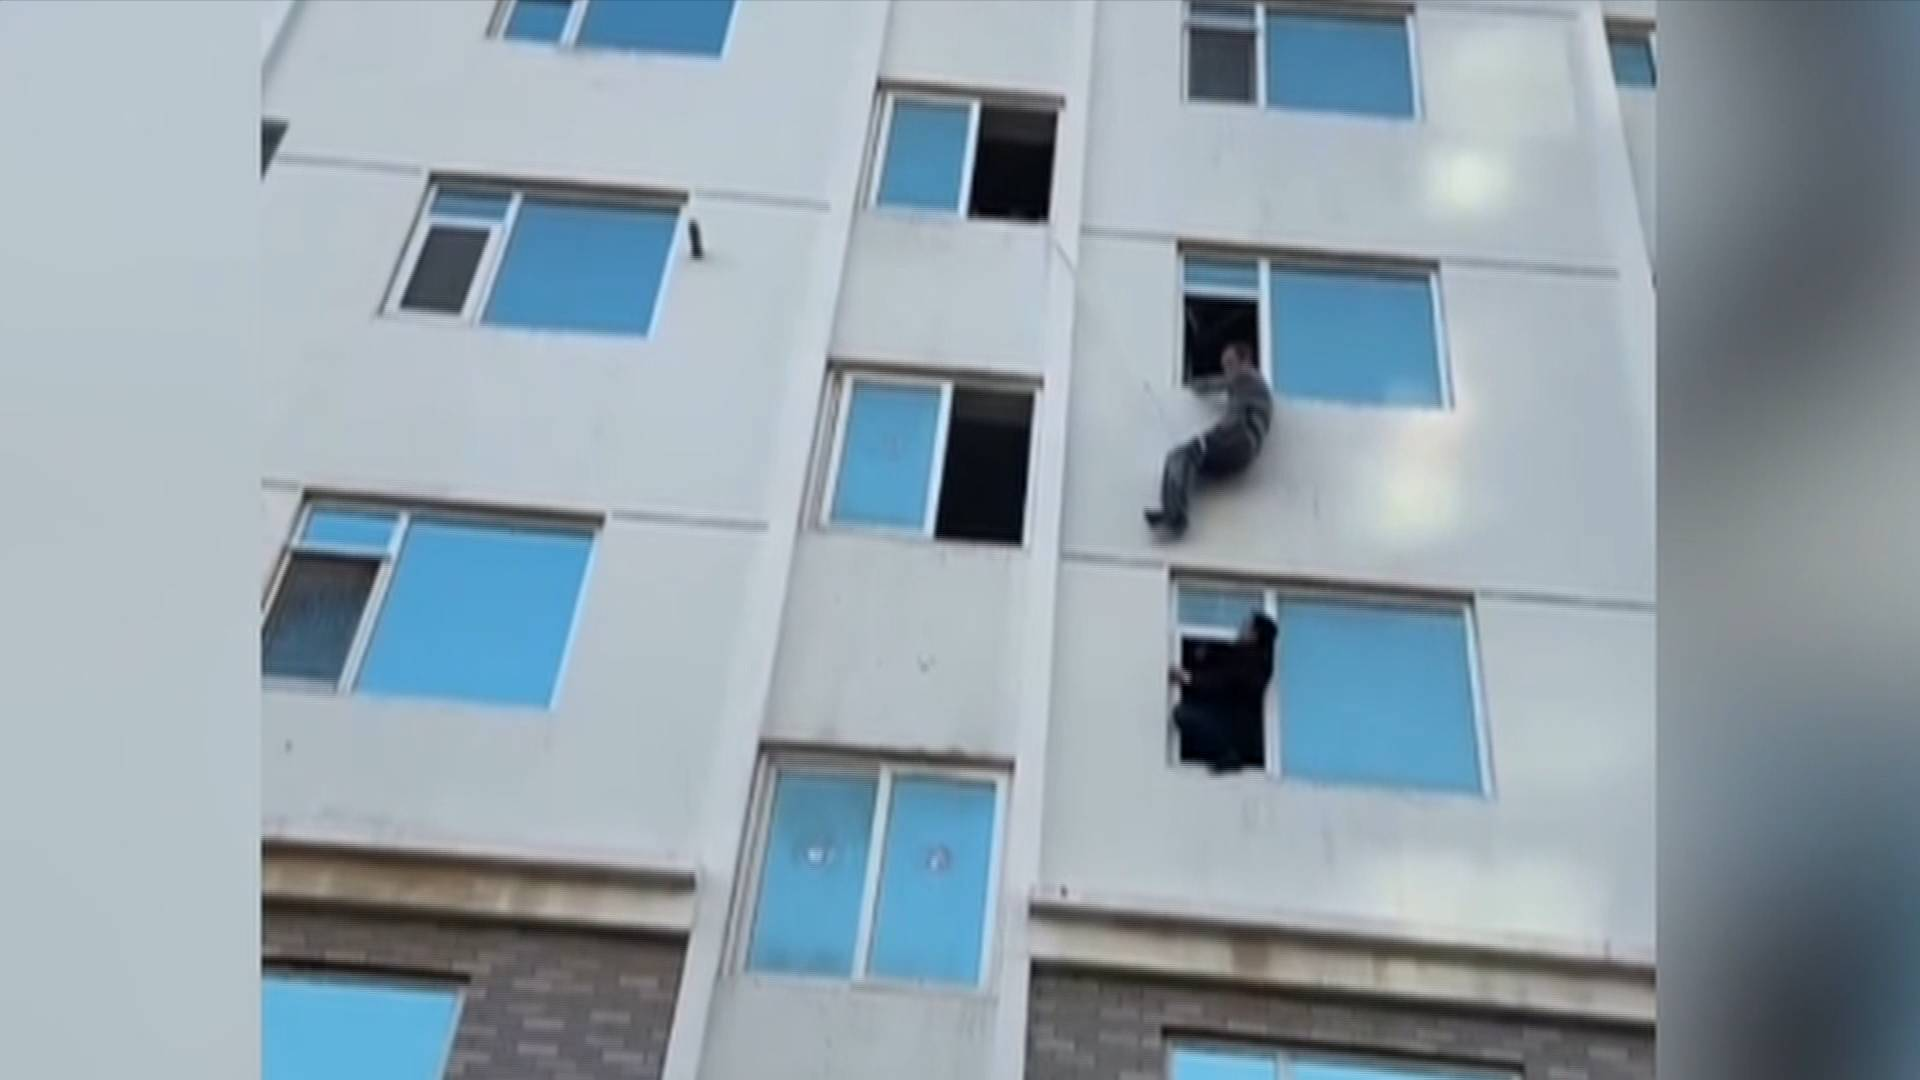 《应急在线》20210404:烟台:为取钥匙被困窗外  紧急空降来救援